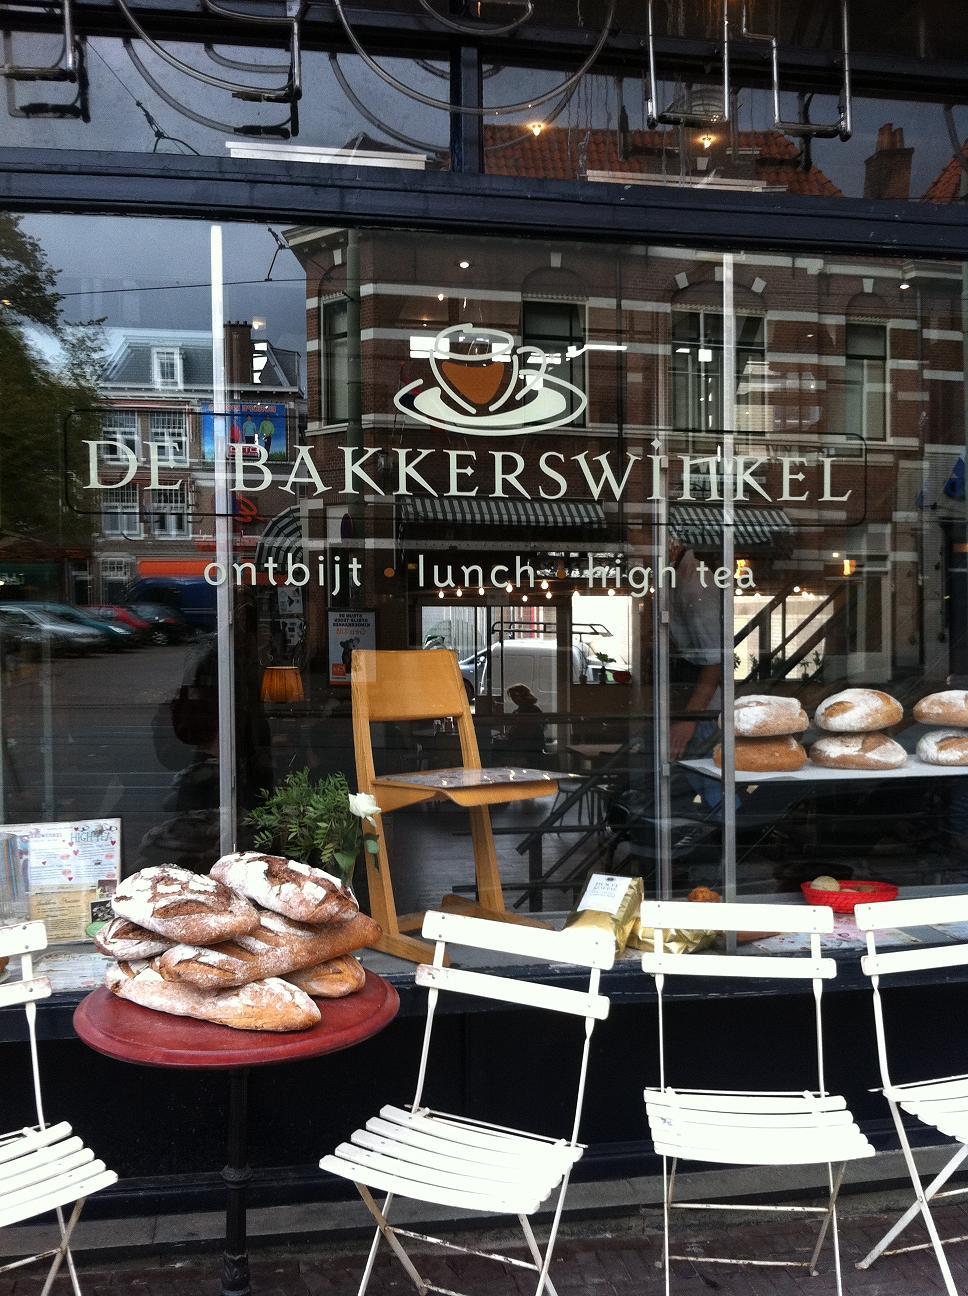 bakkerswinkel-3.jpg